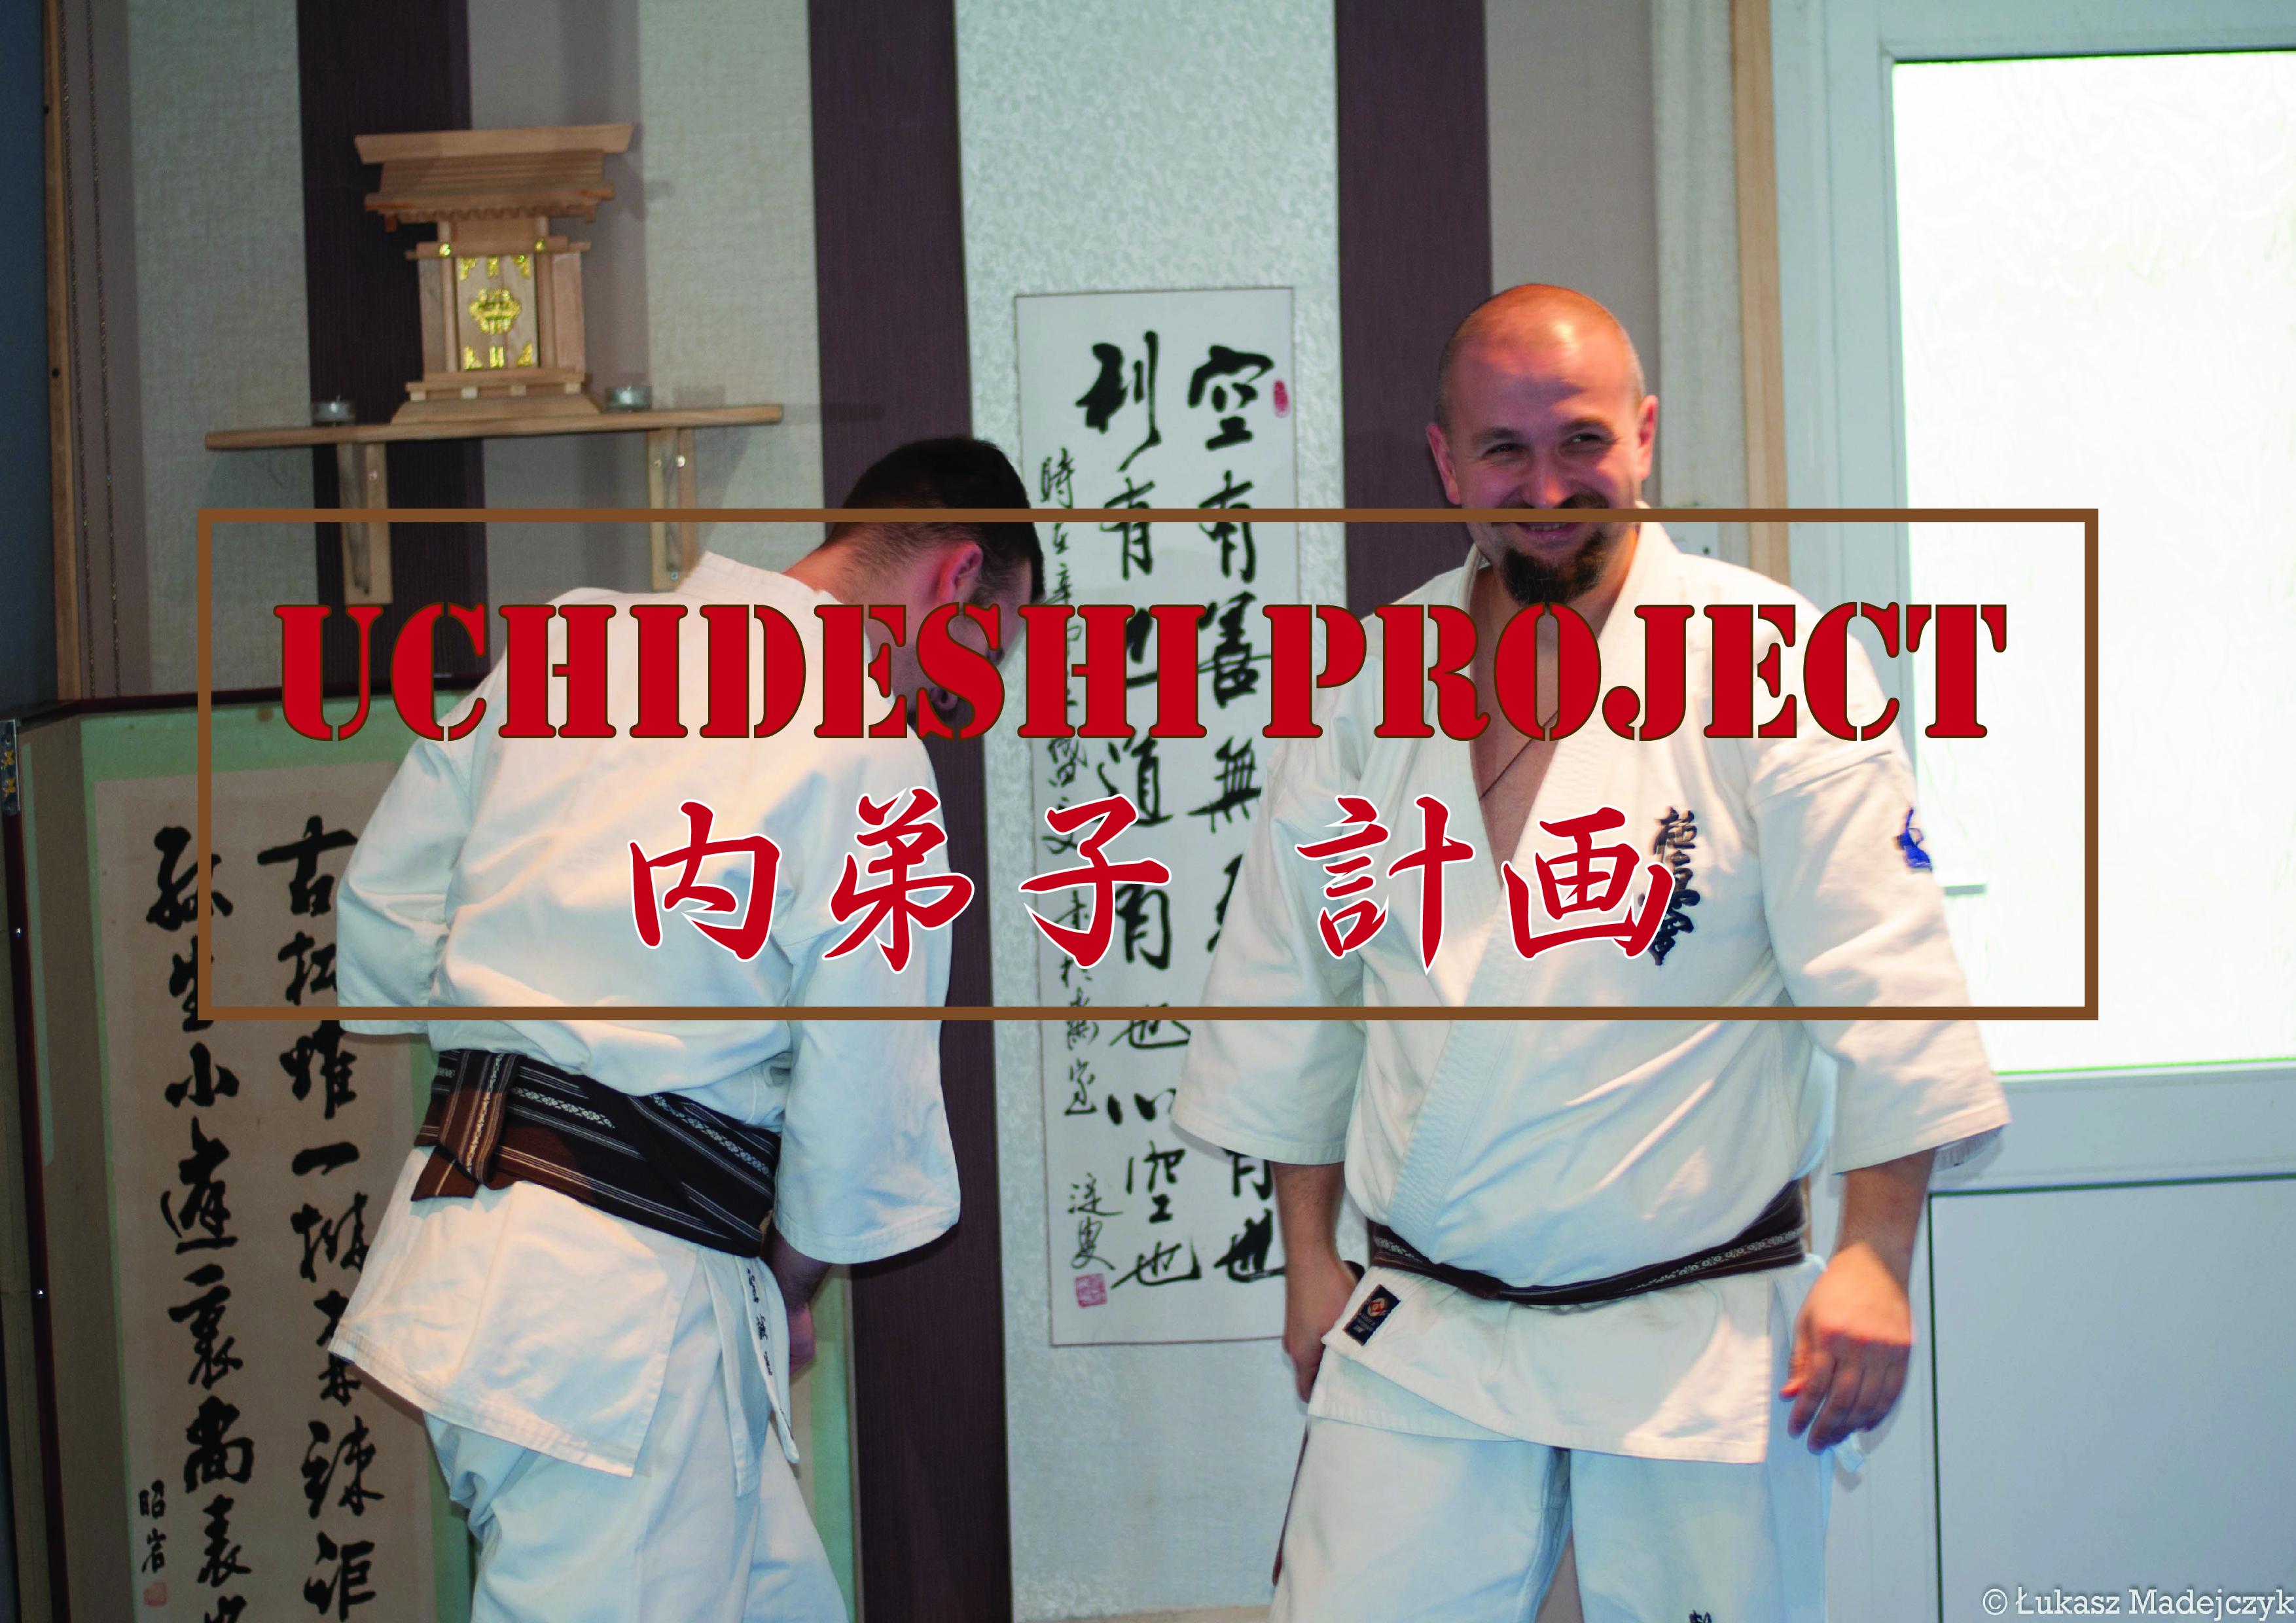 Uchideshi project